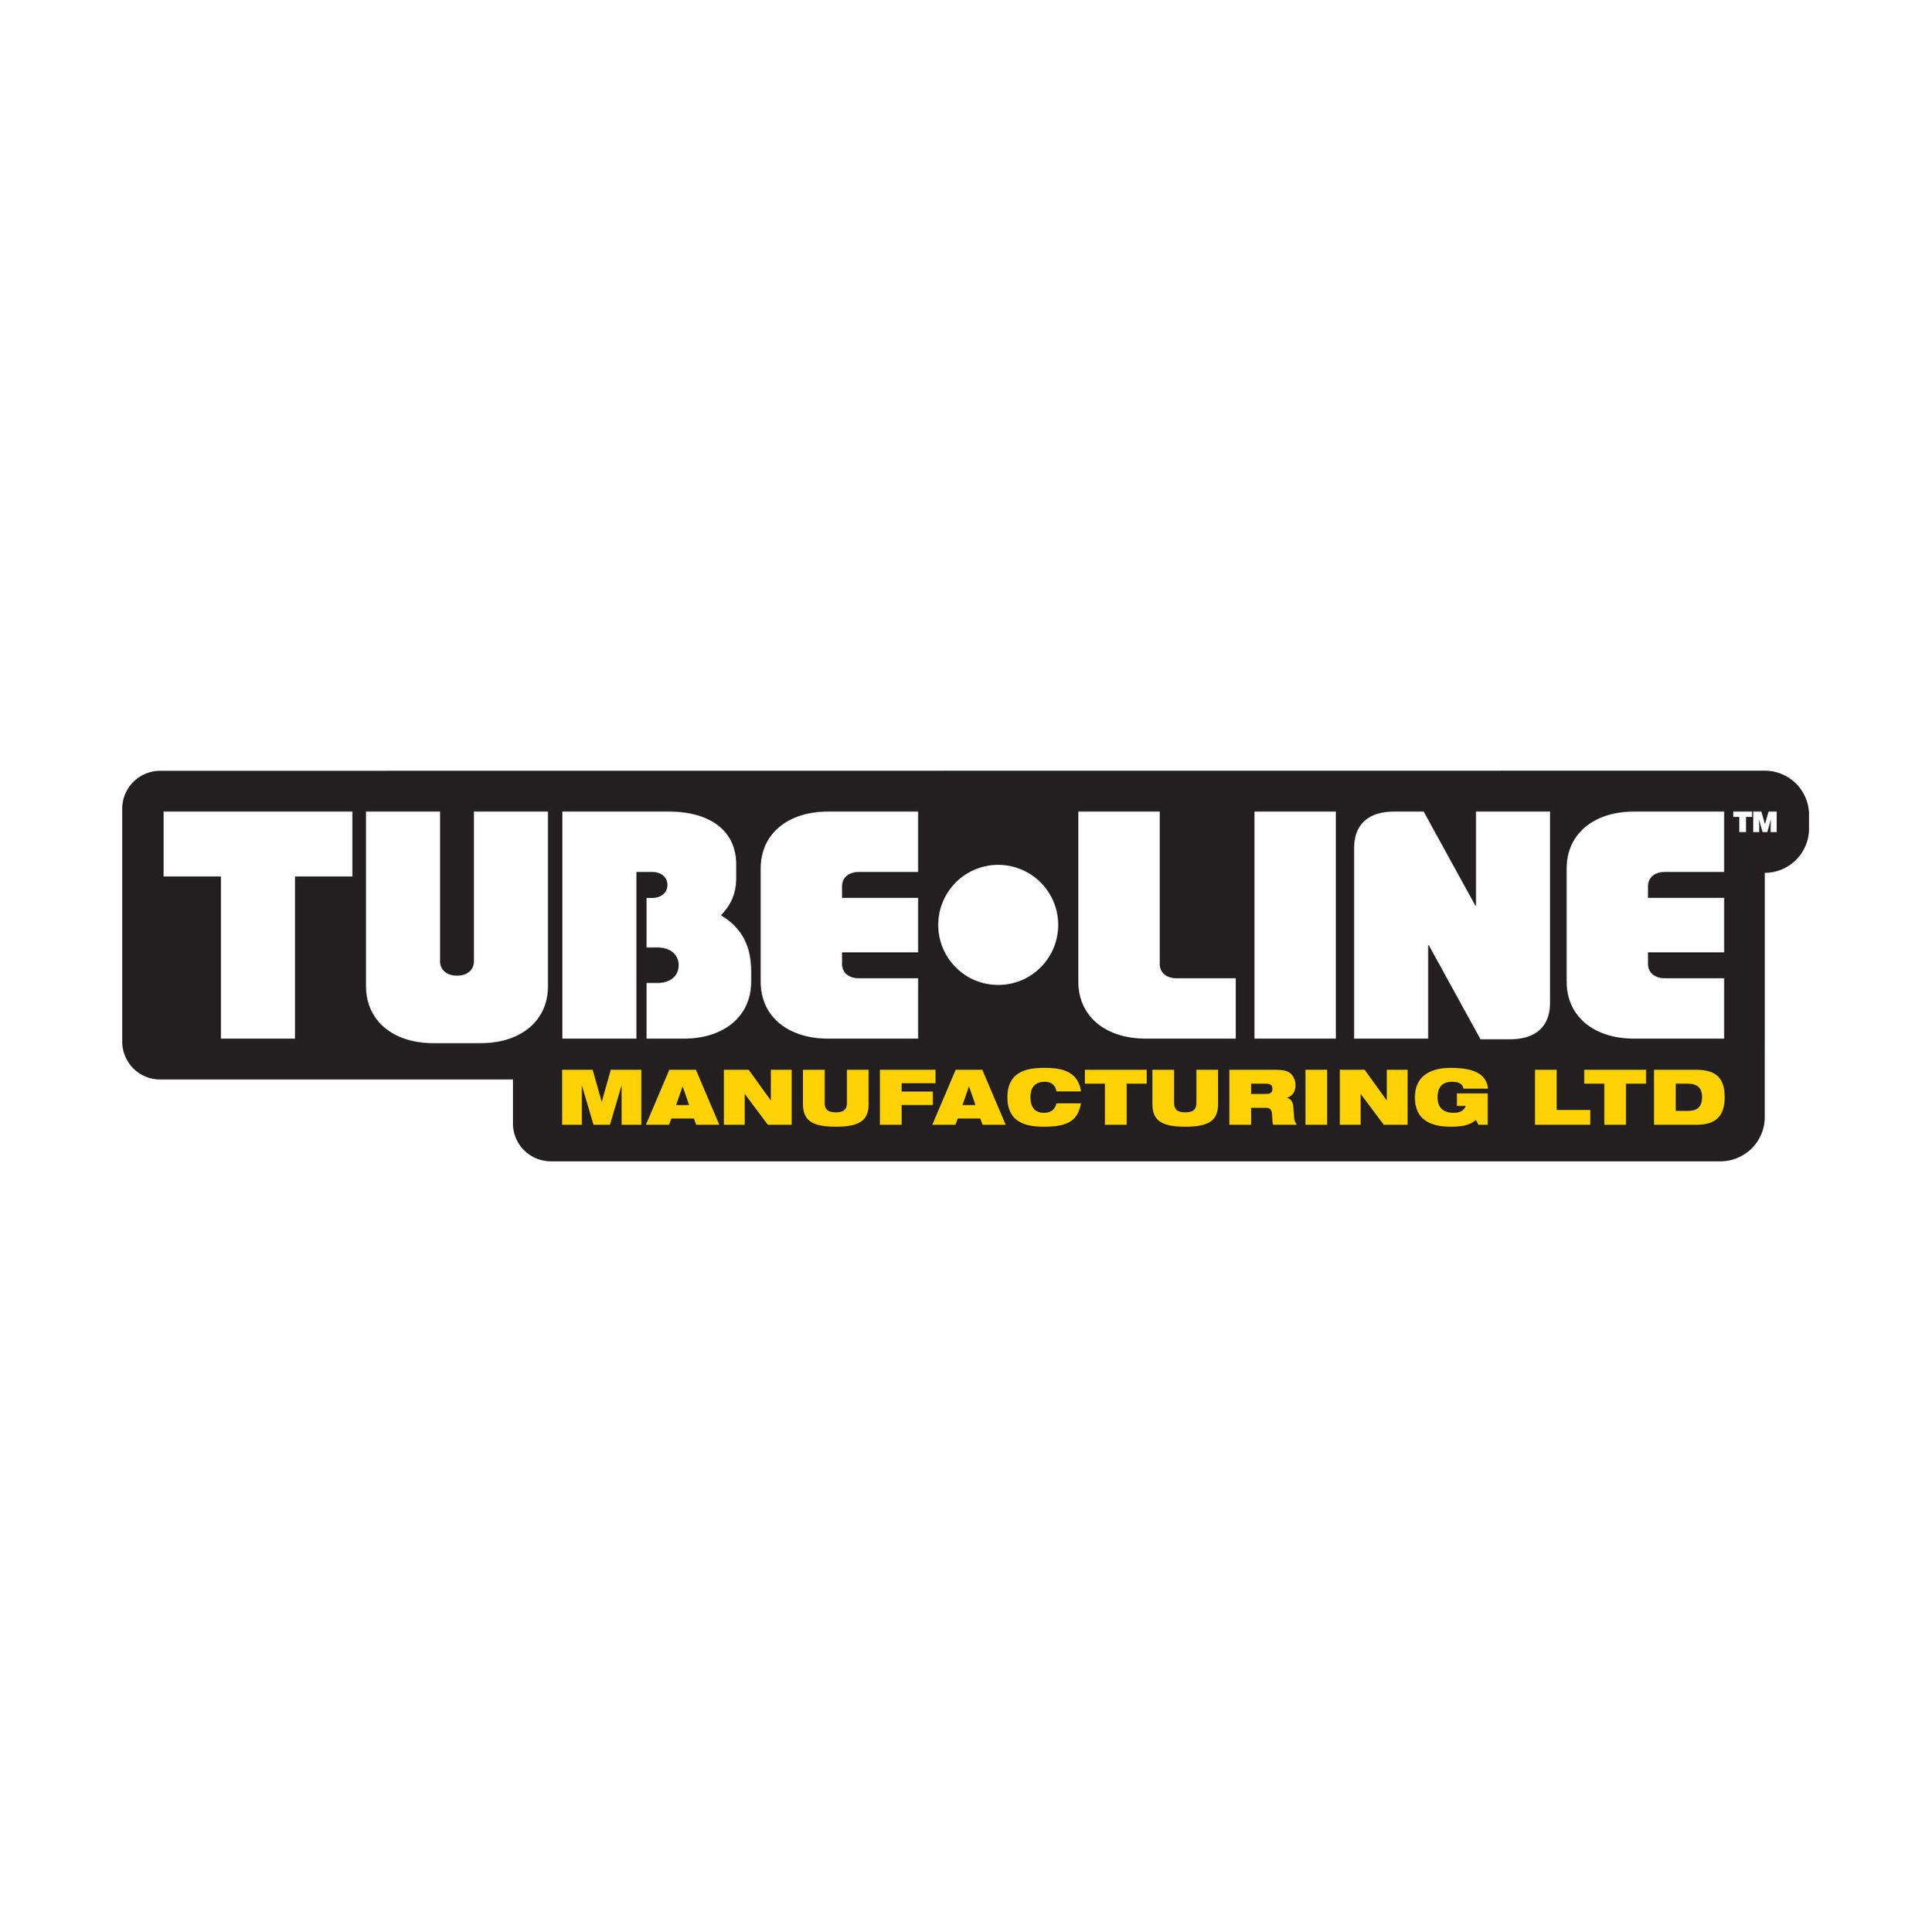 tubeline.jpg